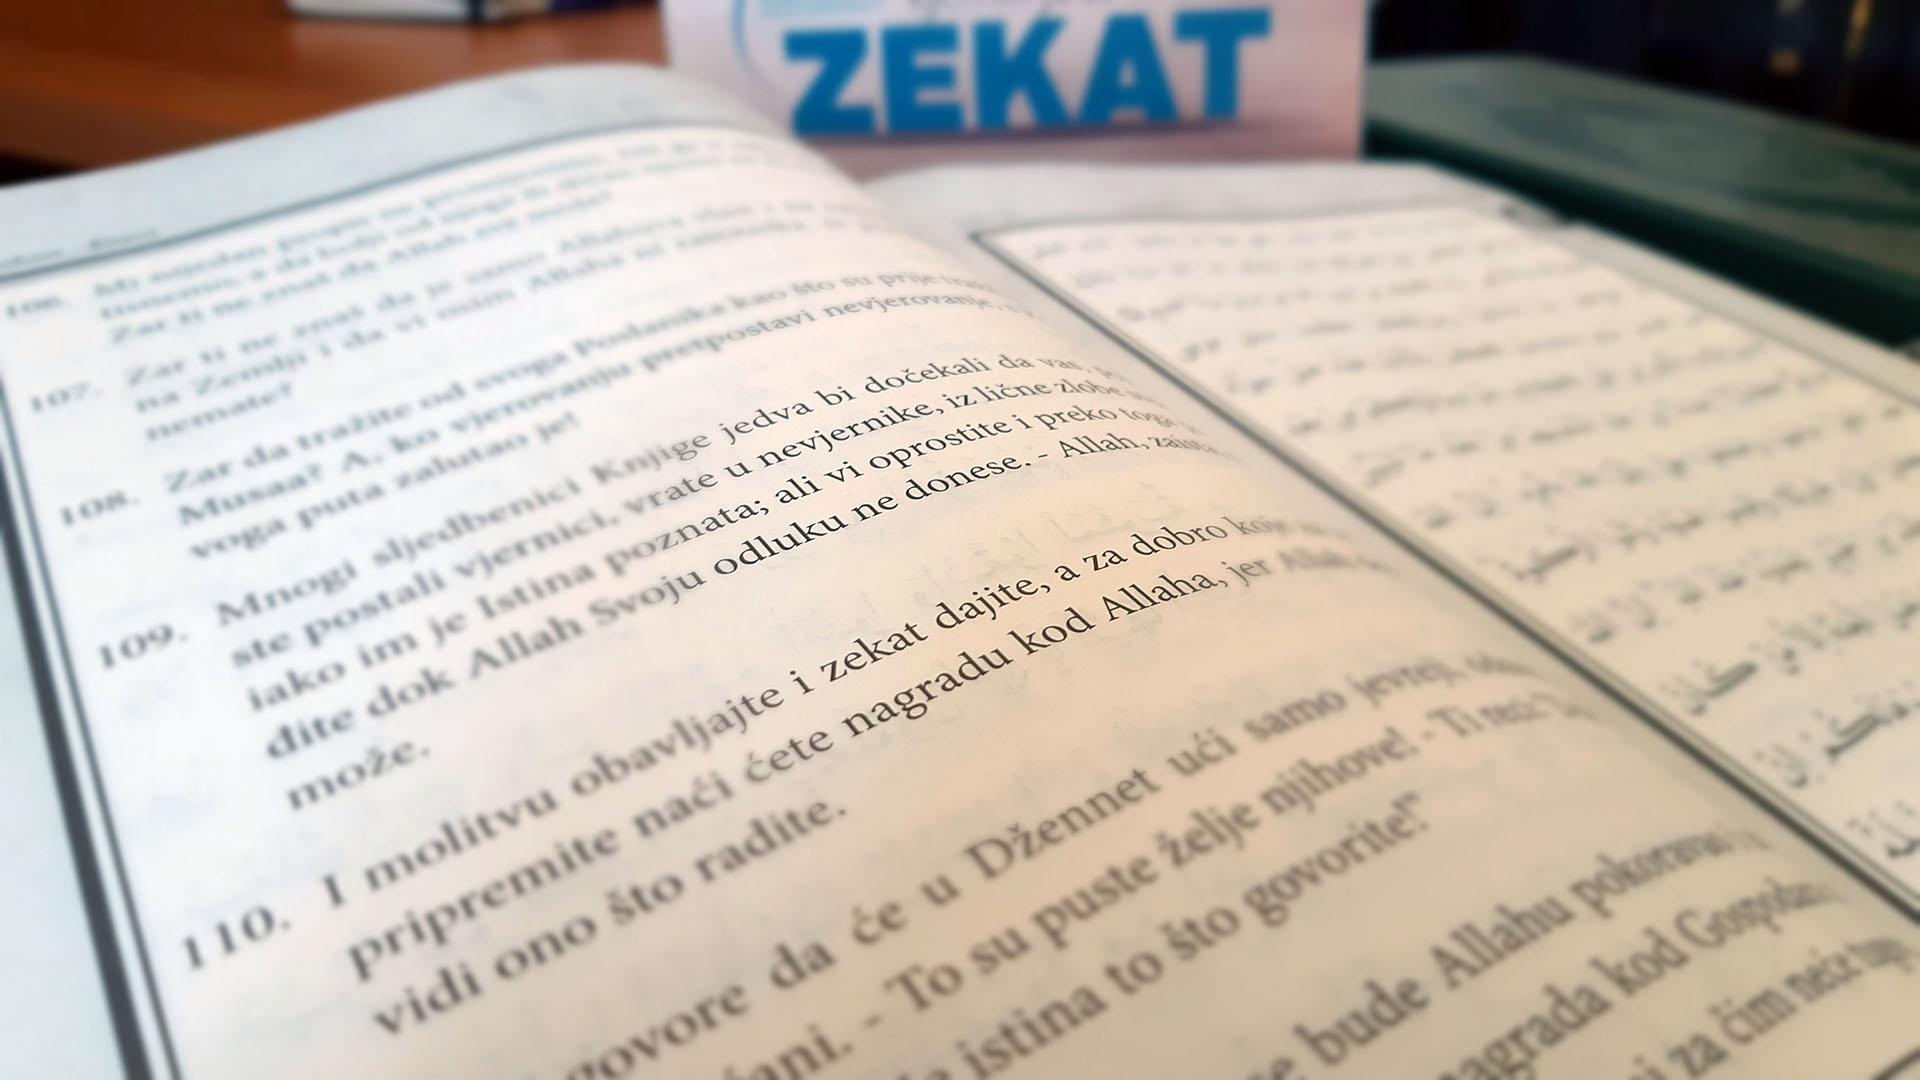 Almir Fatić: Značenje riječi zekat u Kur'anu